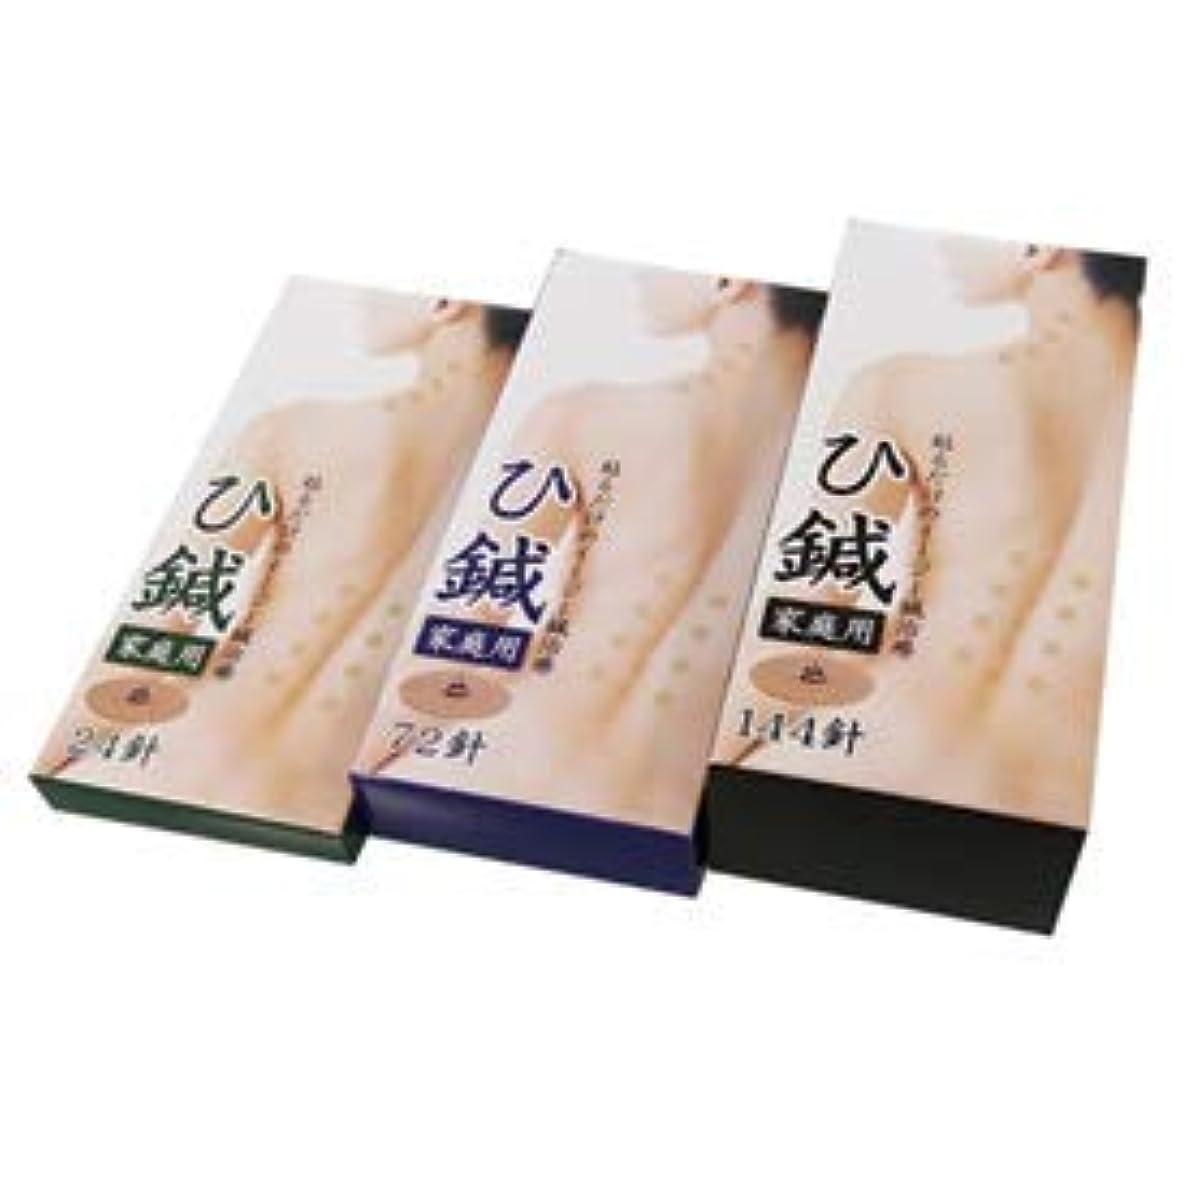 塩医薬品信者【ケース売り】イージー鍼治療 ひ鍼家庭用 24針×30